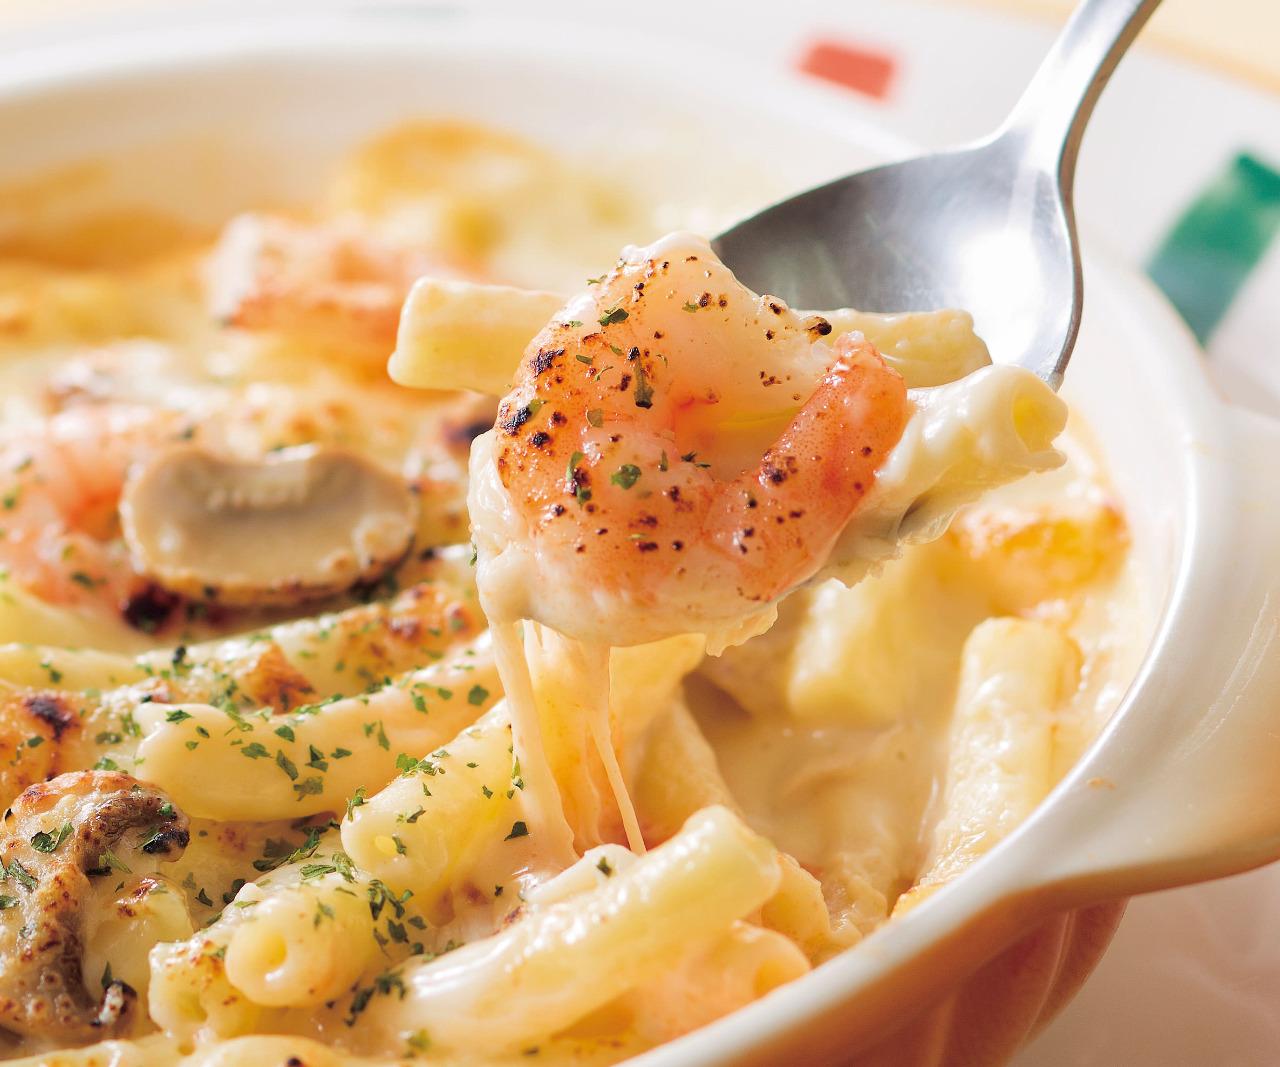 冬の定番料理、グラタン。身体が温まる、おすすめグラタンレシピ5選!のサムネイル画像